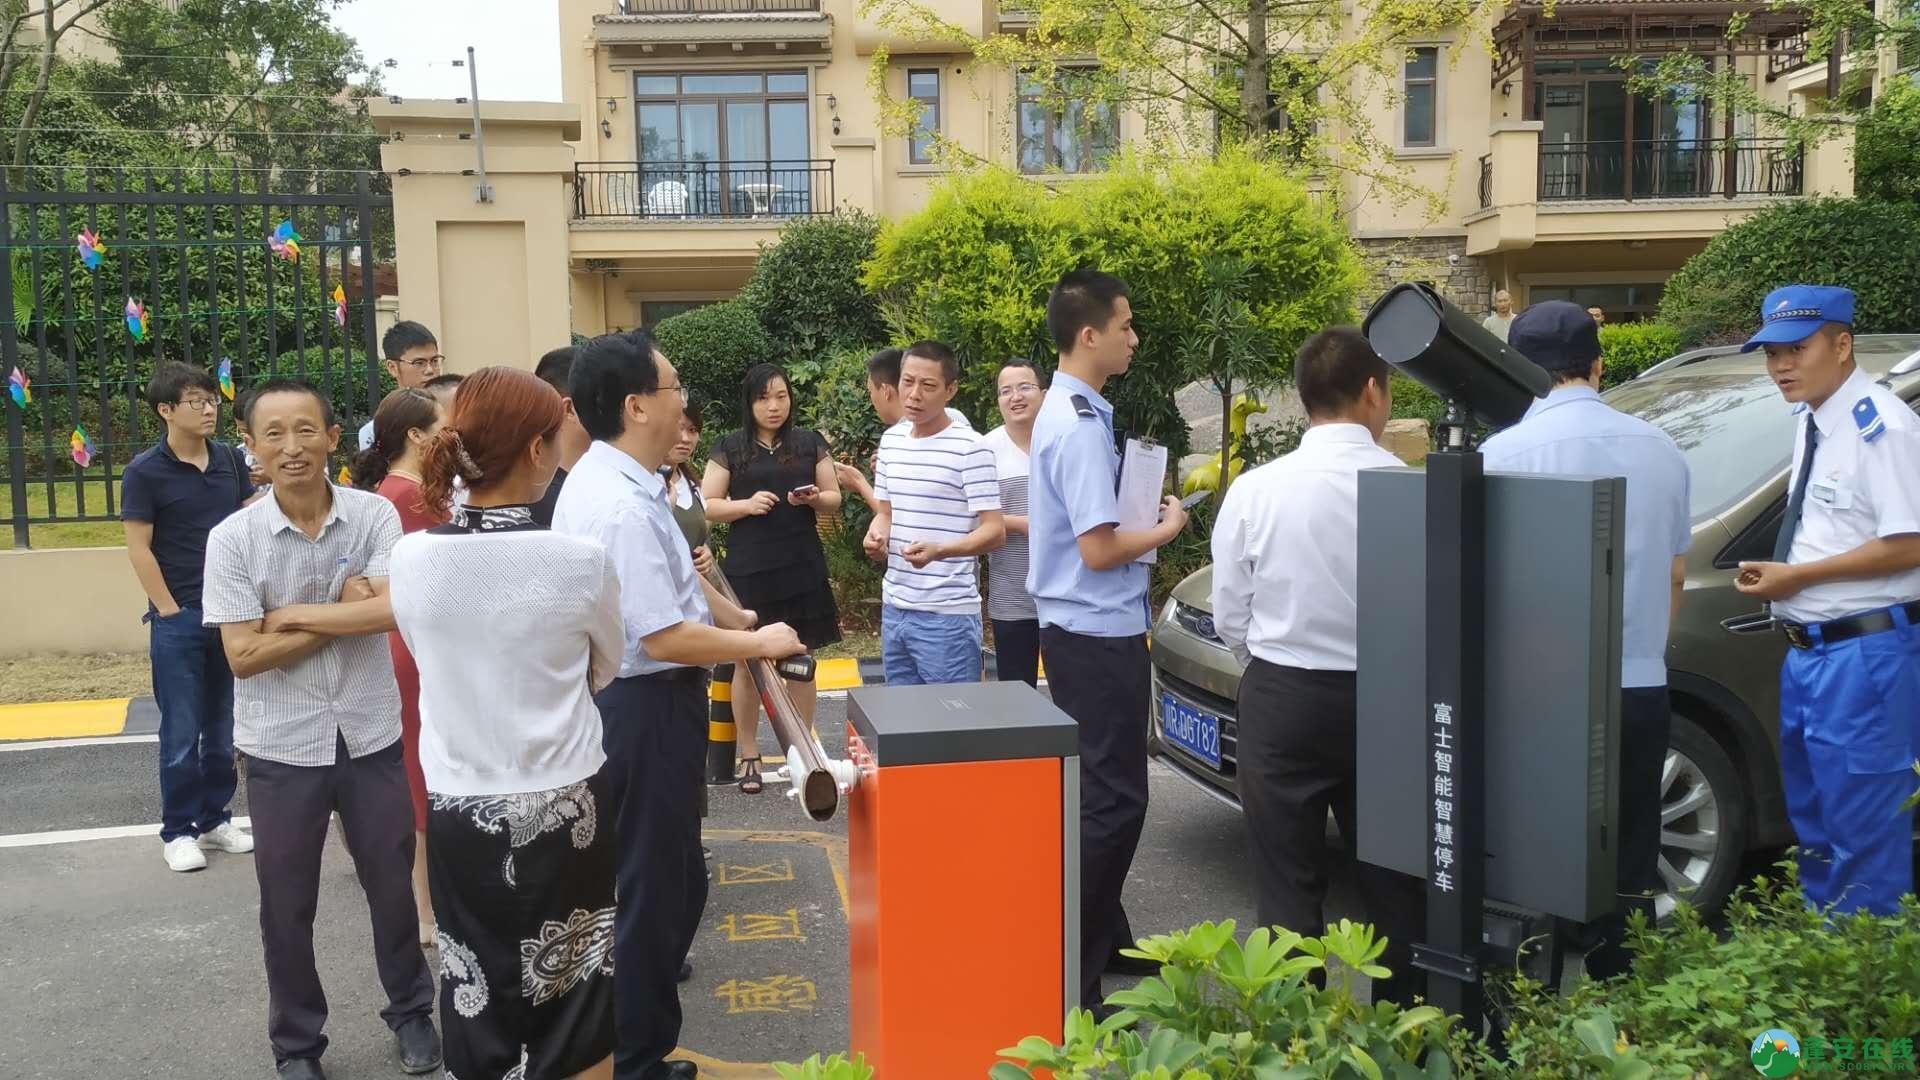 蓬安碧桂园业主因物业收费和房屋出现质量问题引发集体维权 - 第4张  | 蓬安在线